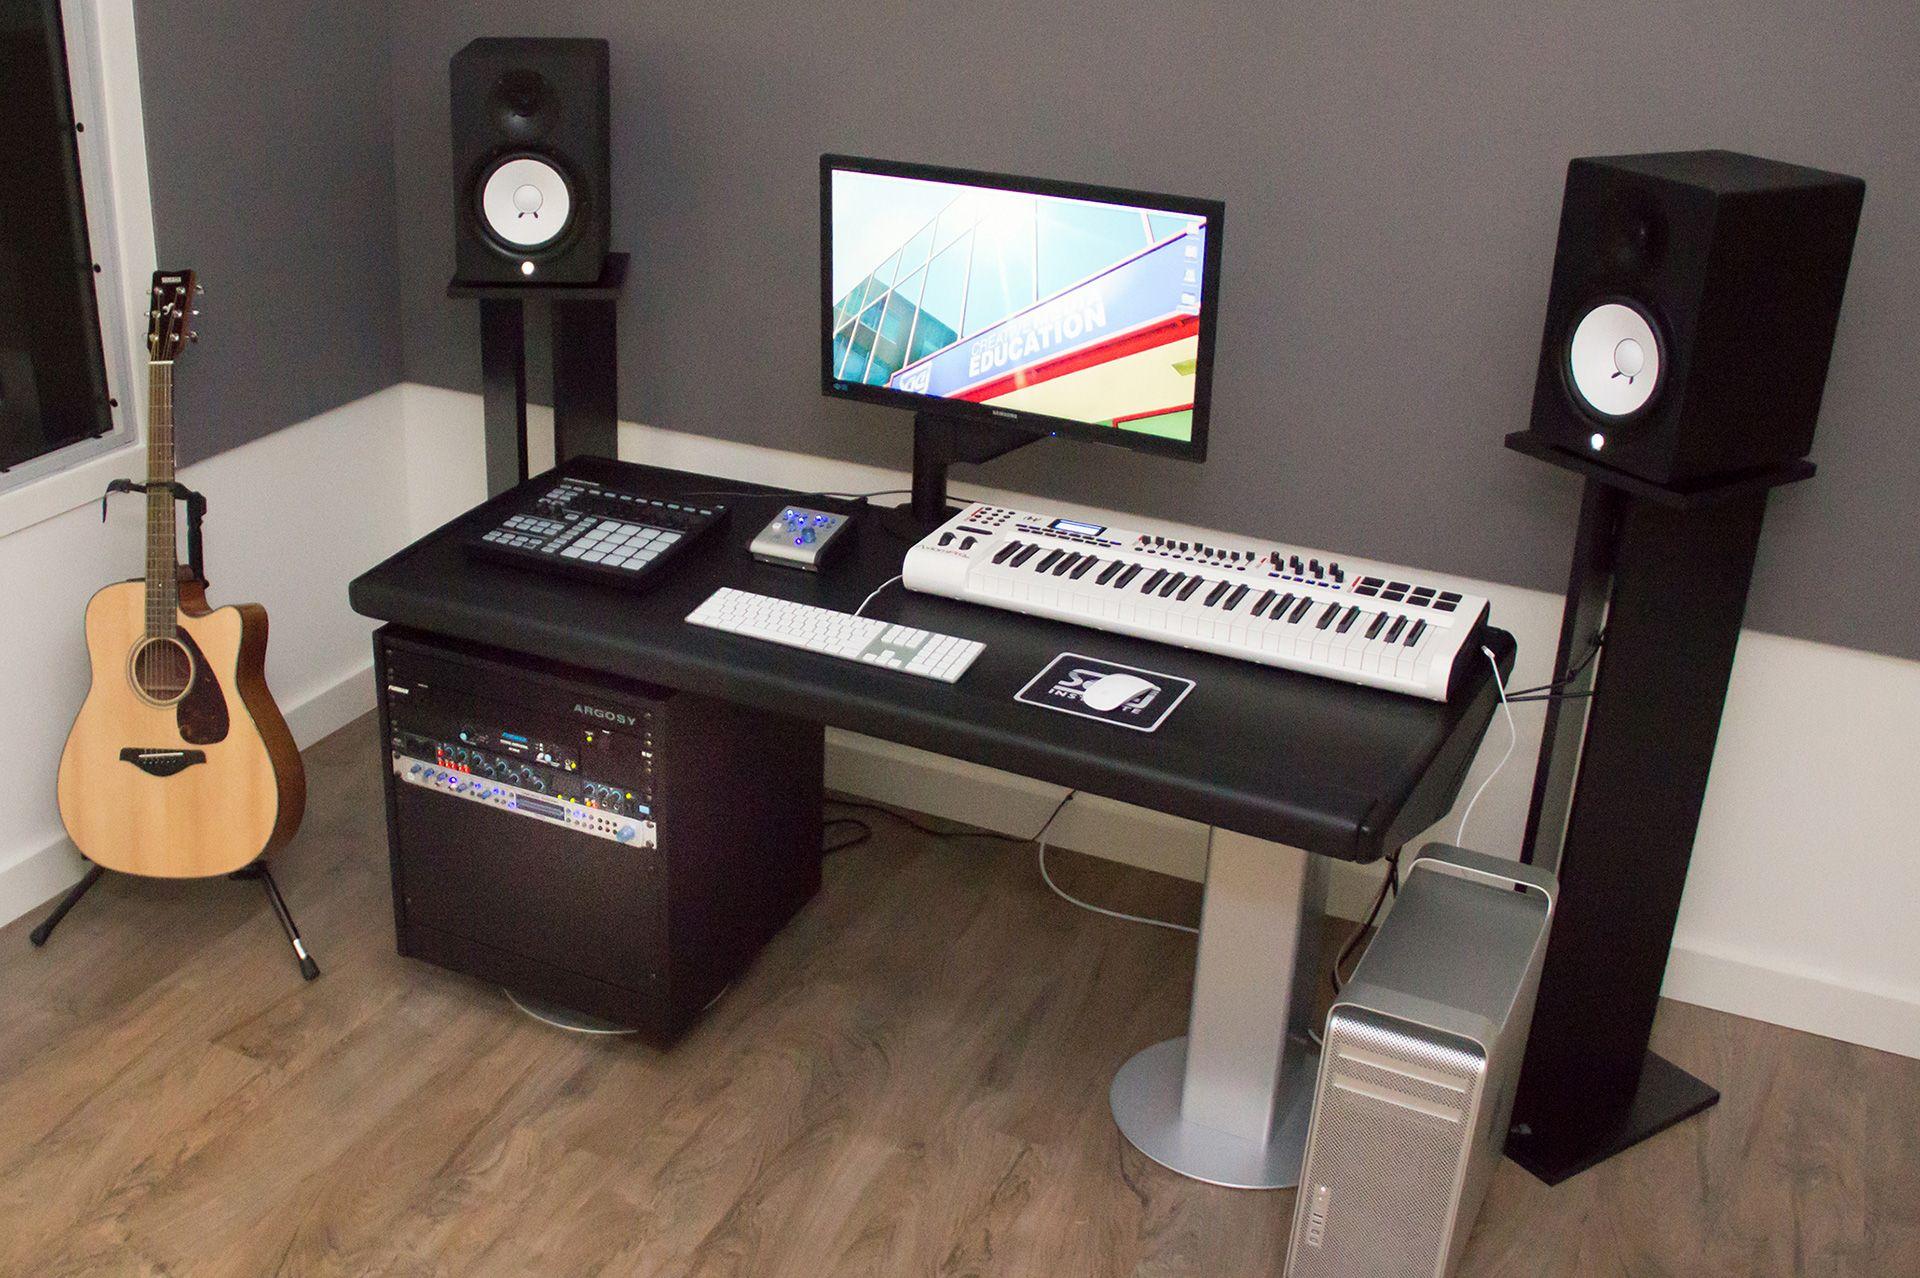 sae production suite with argosy mirage edit desk mishpult pinterest desks studio and. Black Bedroom Furniture Sets. Home Design Ideas